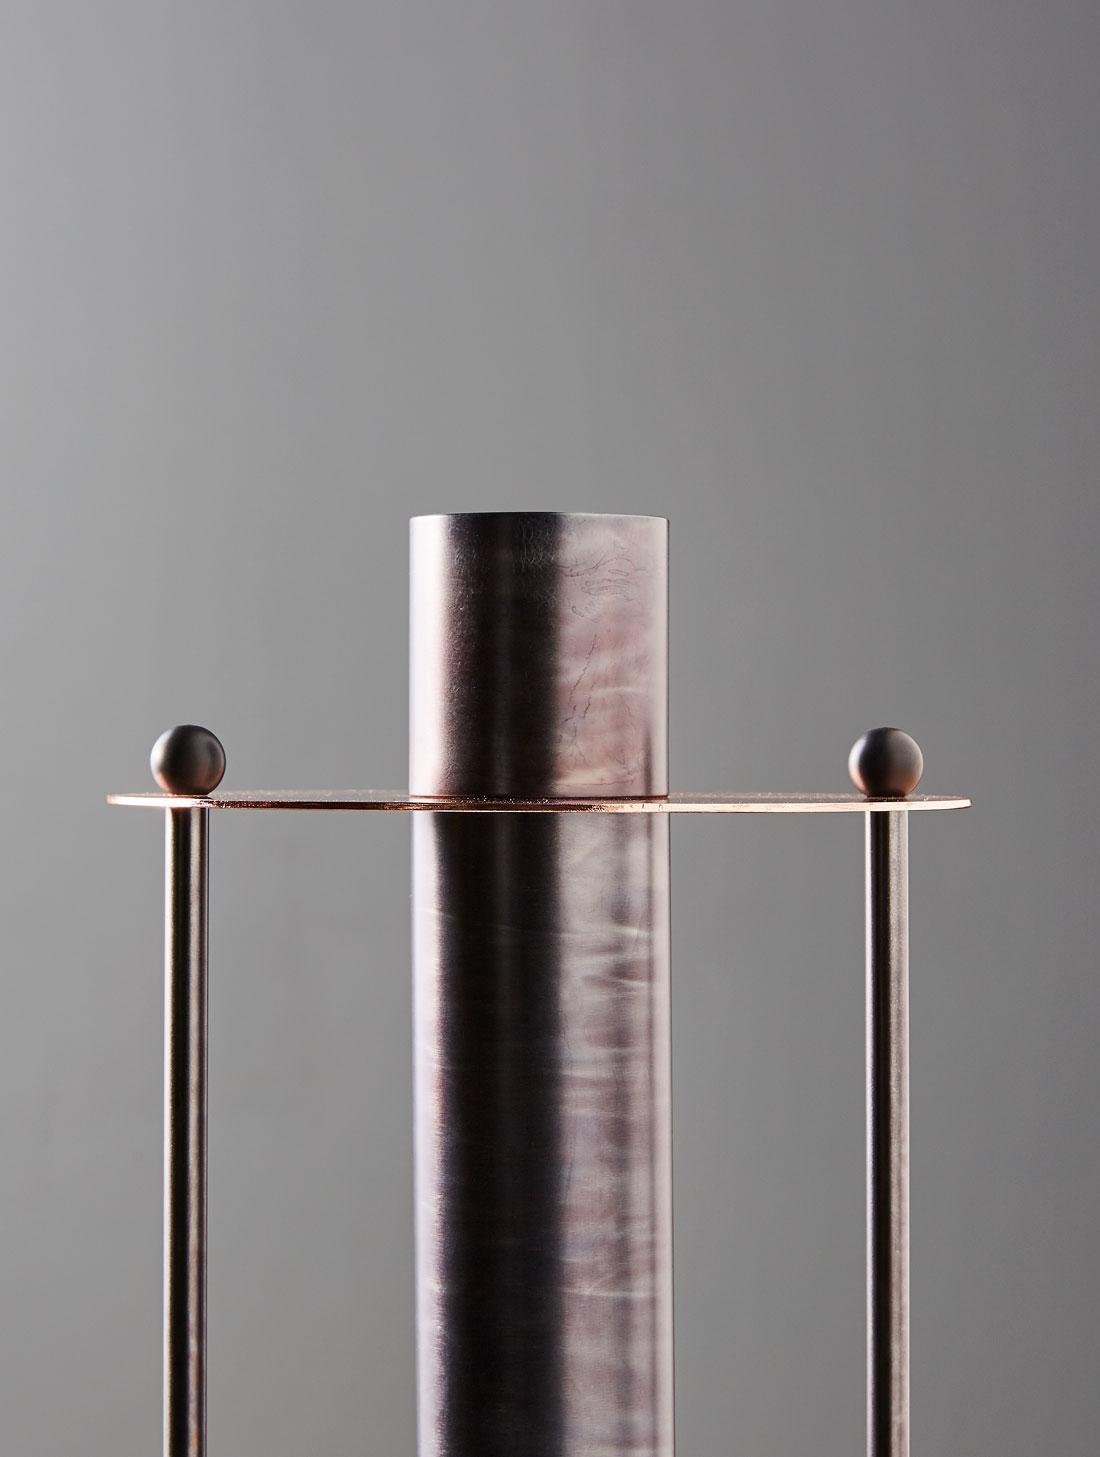 VVase_product design_Federica Biasi_copper